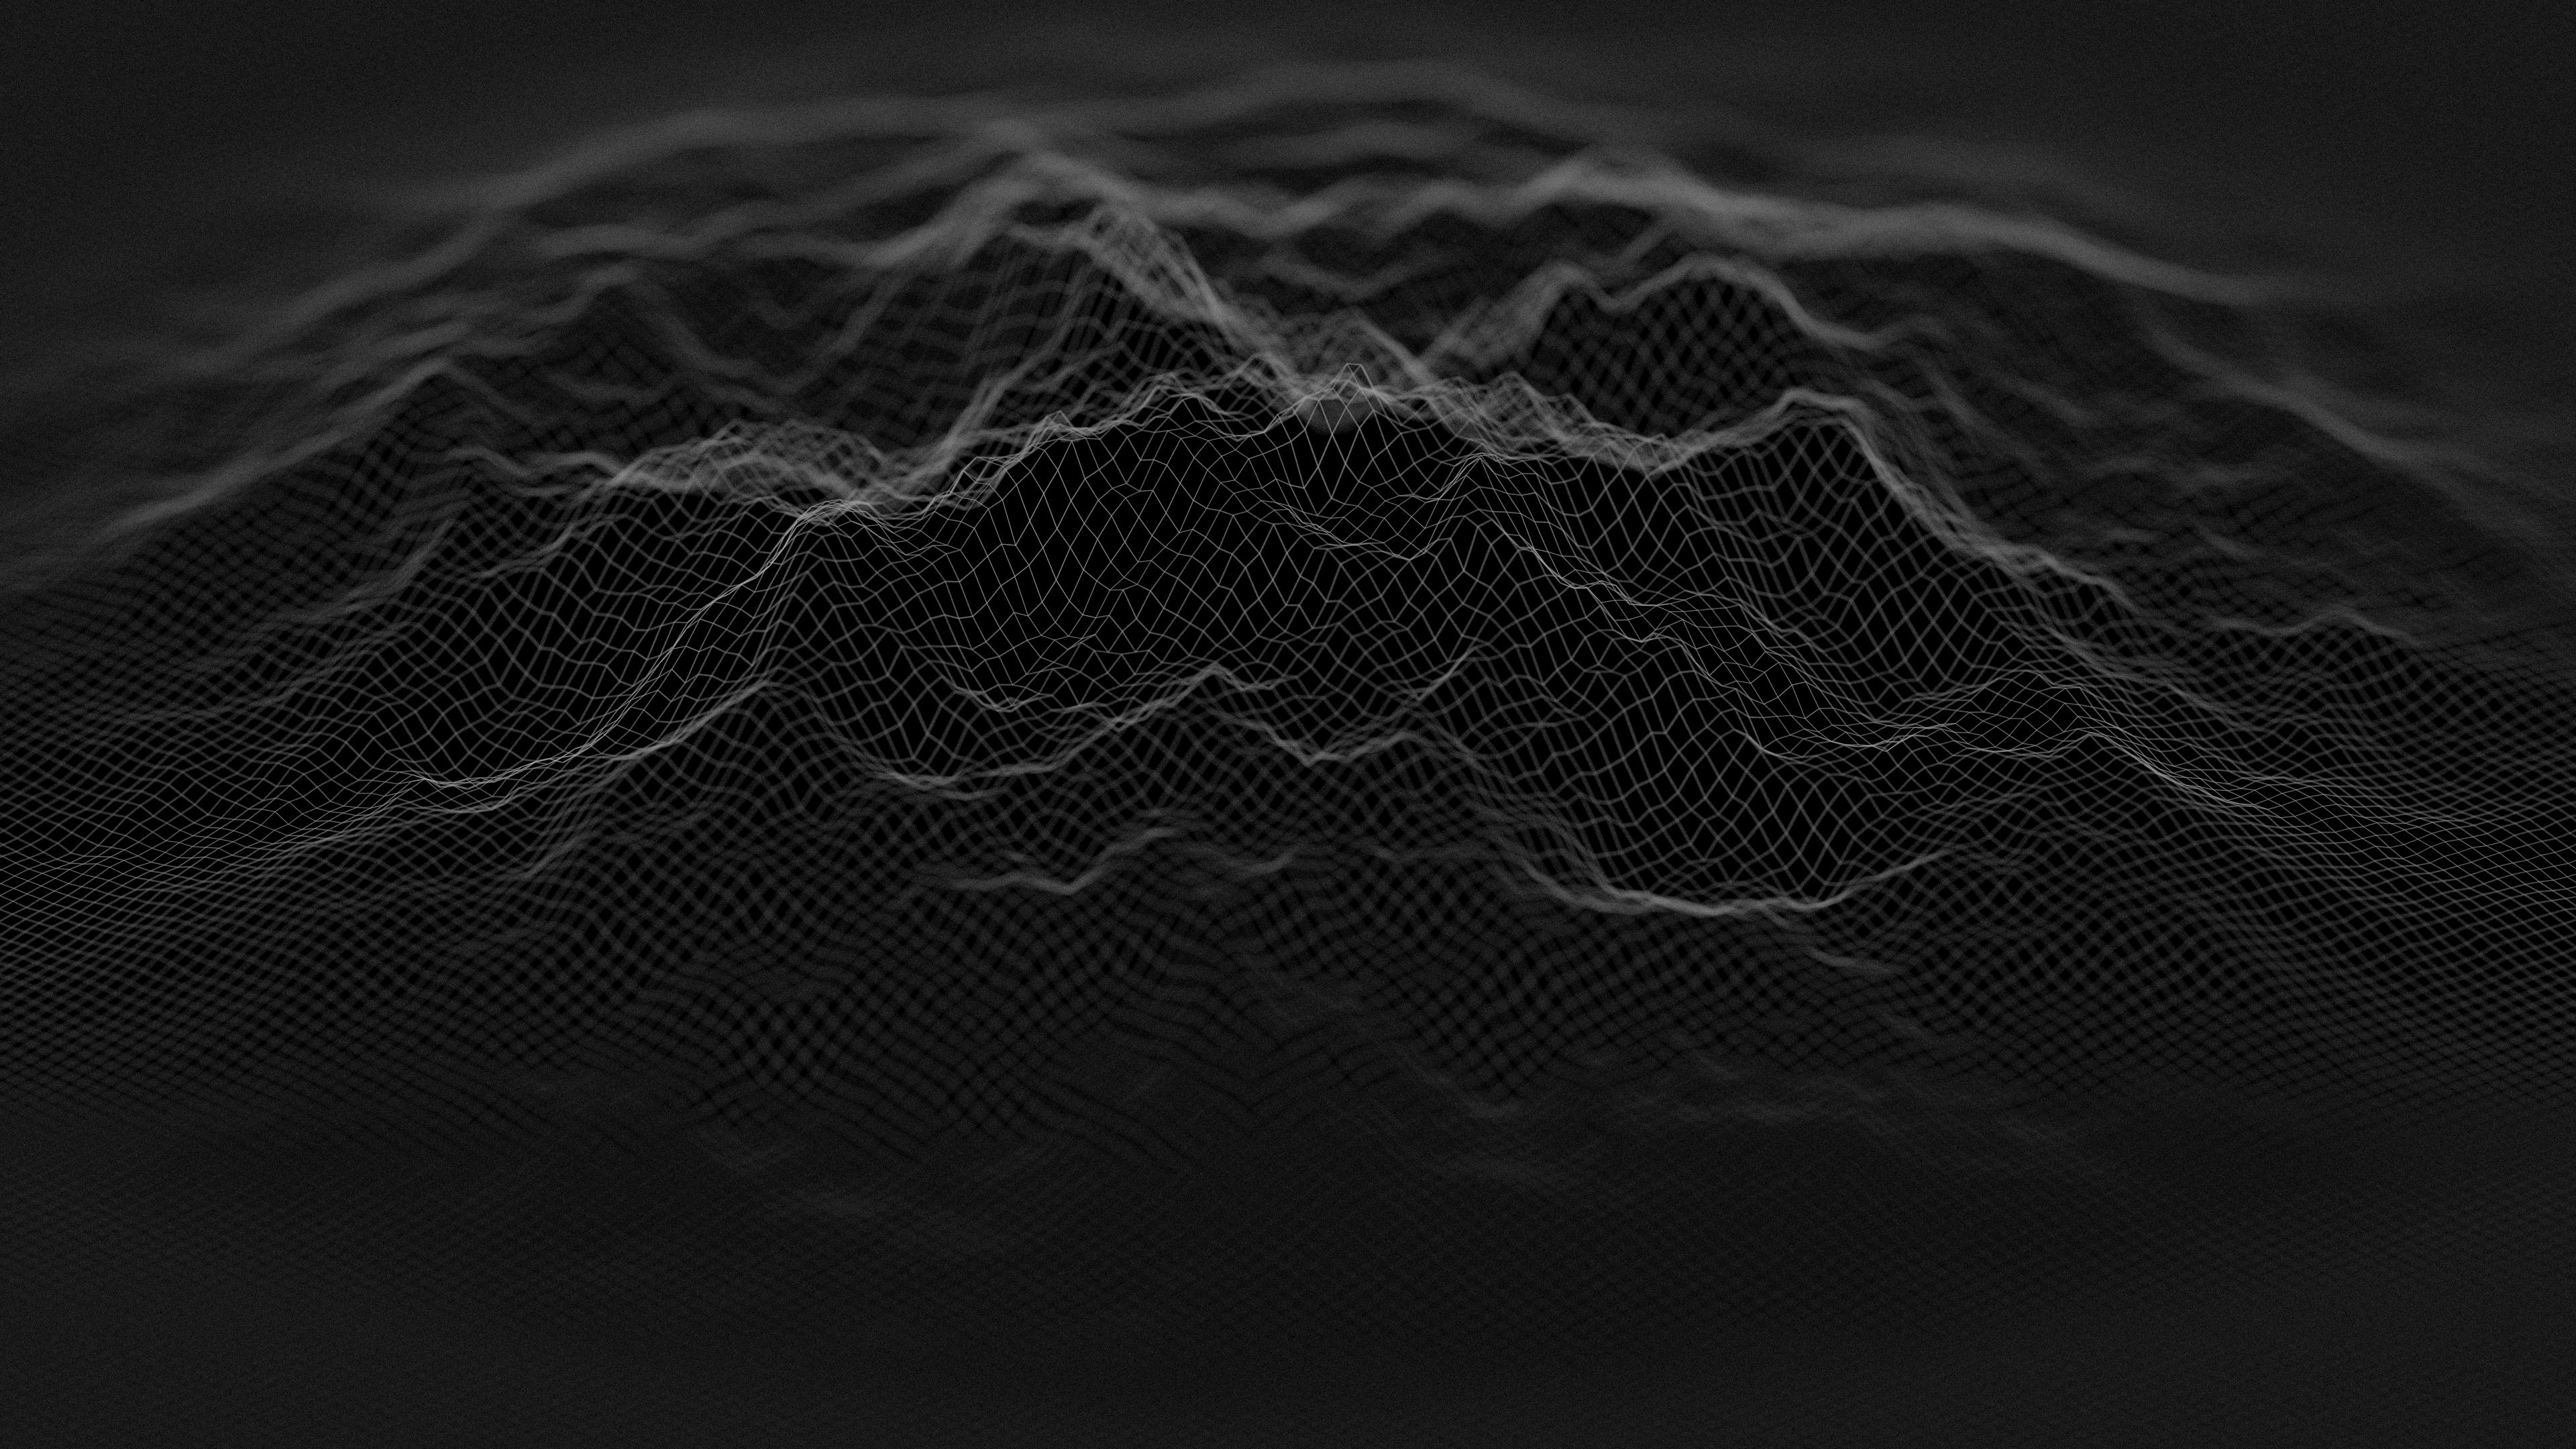 Minimalist Black Digital Blend Wallpaper, HD Abstract 4K ...